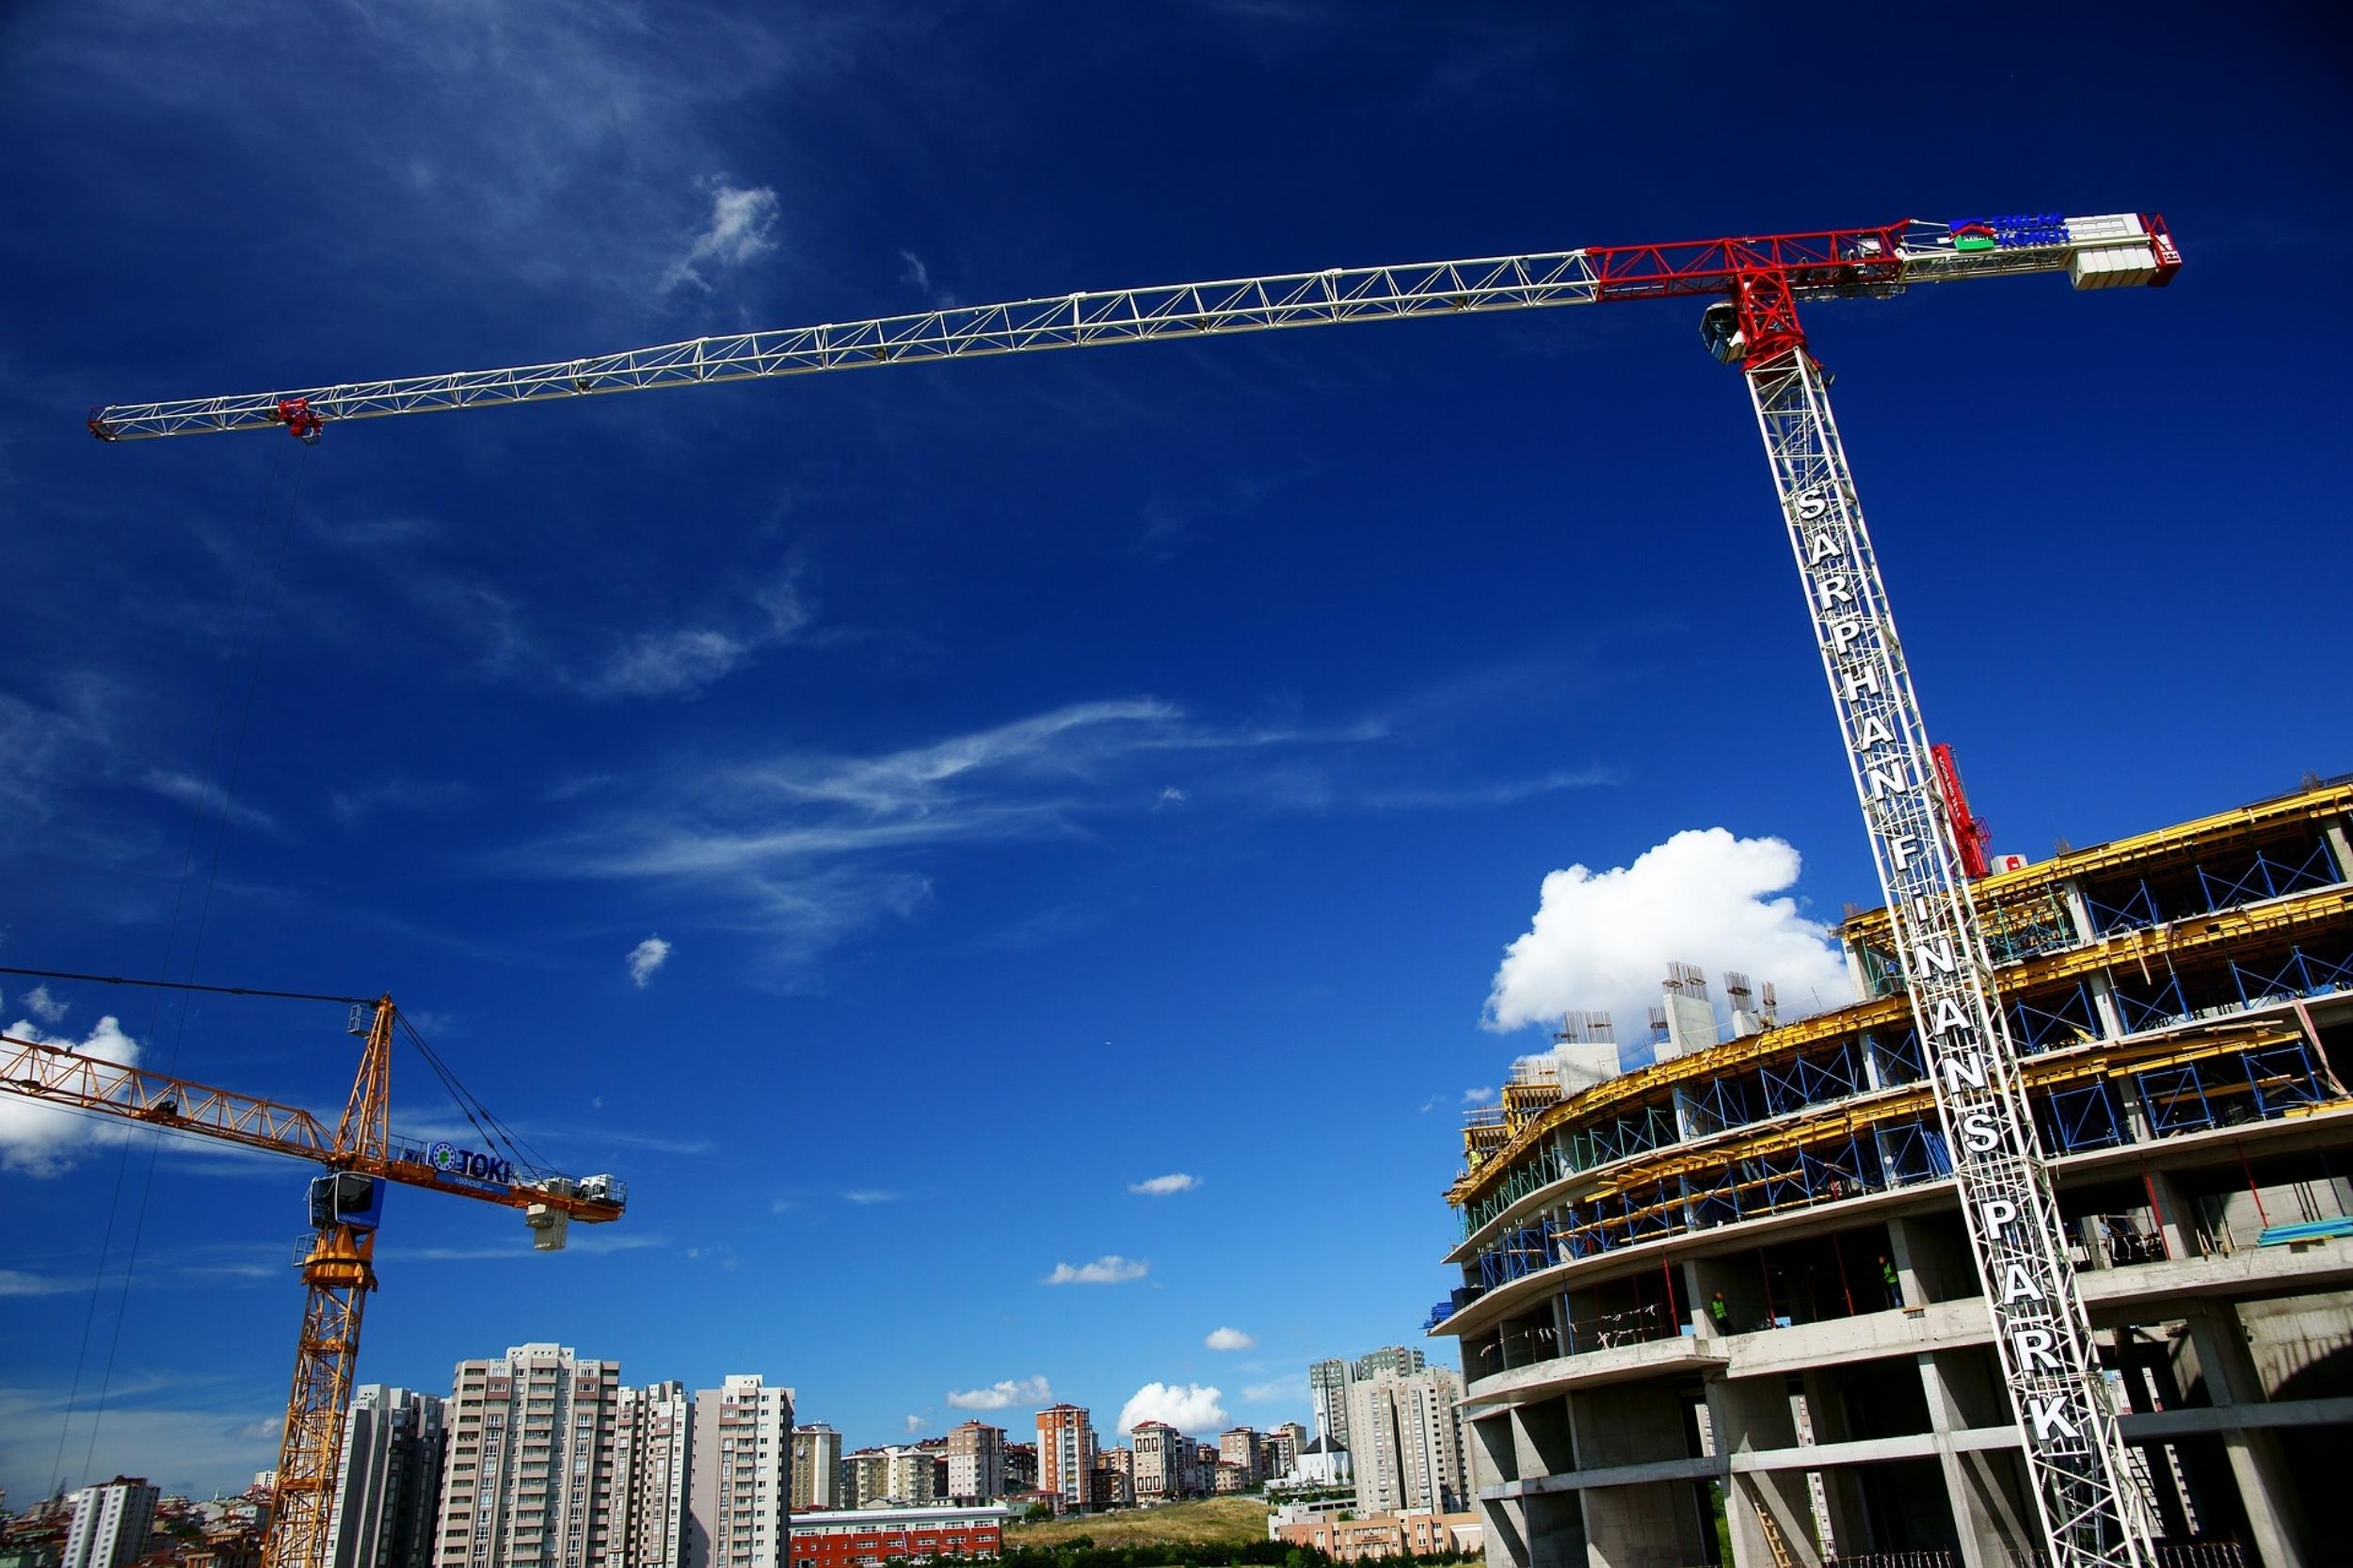 construction-2349041_1920.jpg